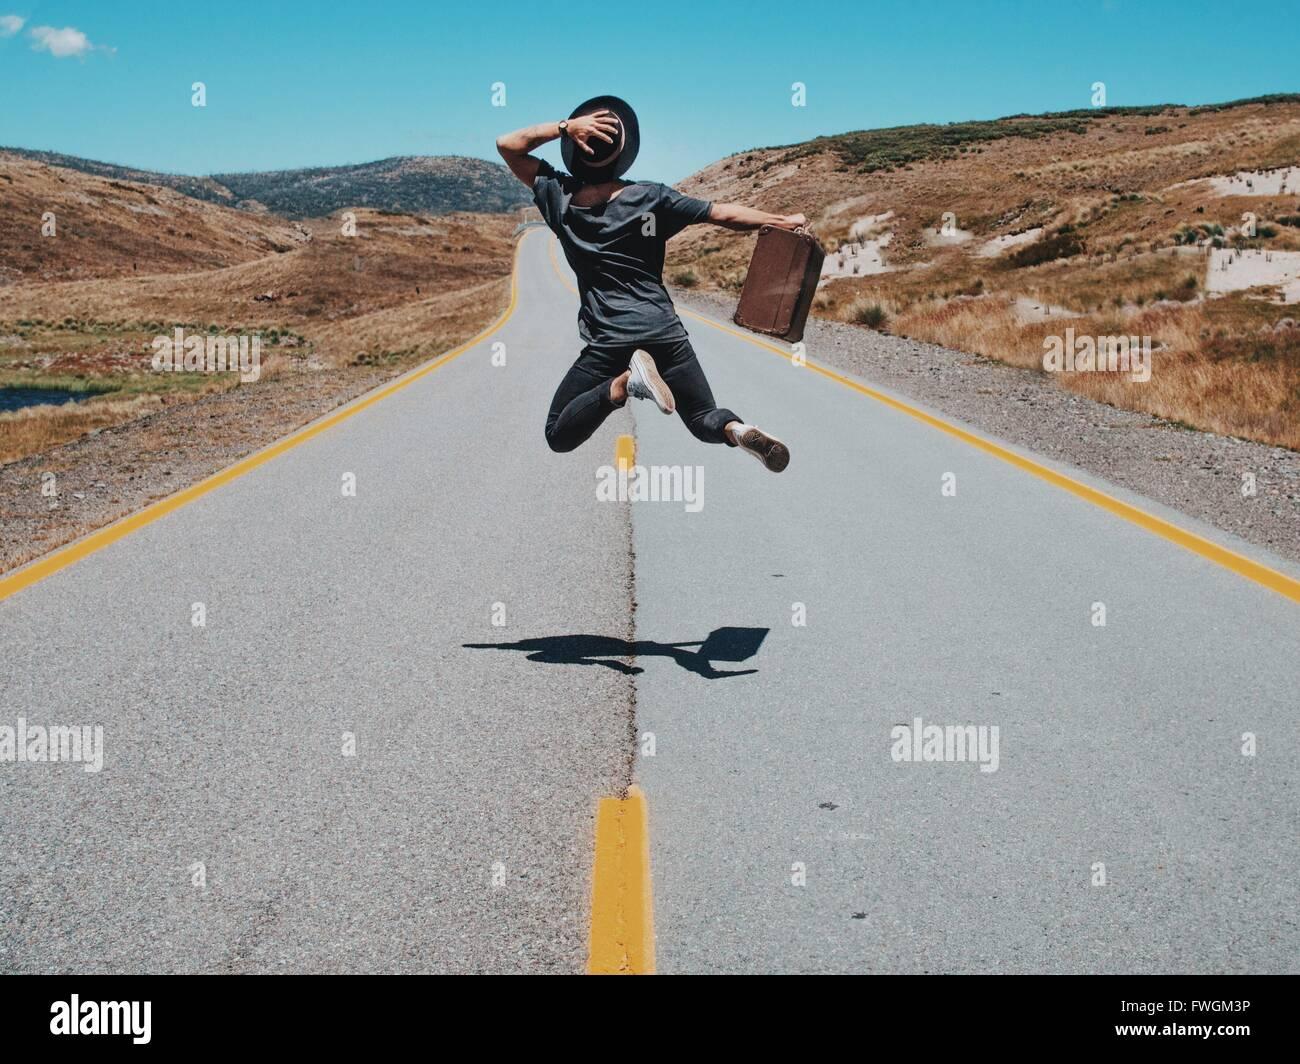 Vista trasera del hombre saltando sobre Country Road contra Sky Imagen De Stock